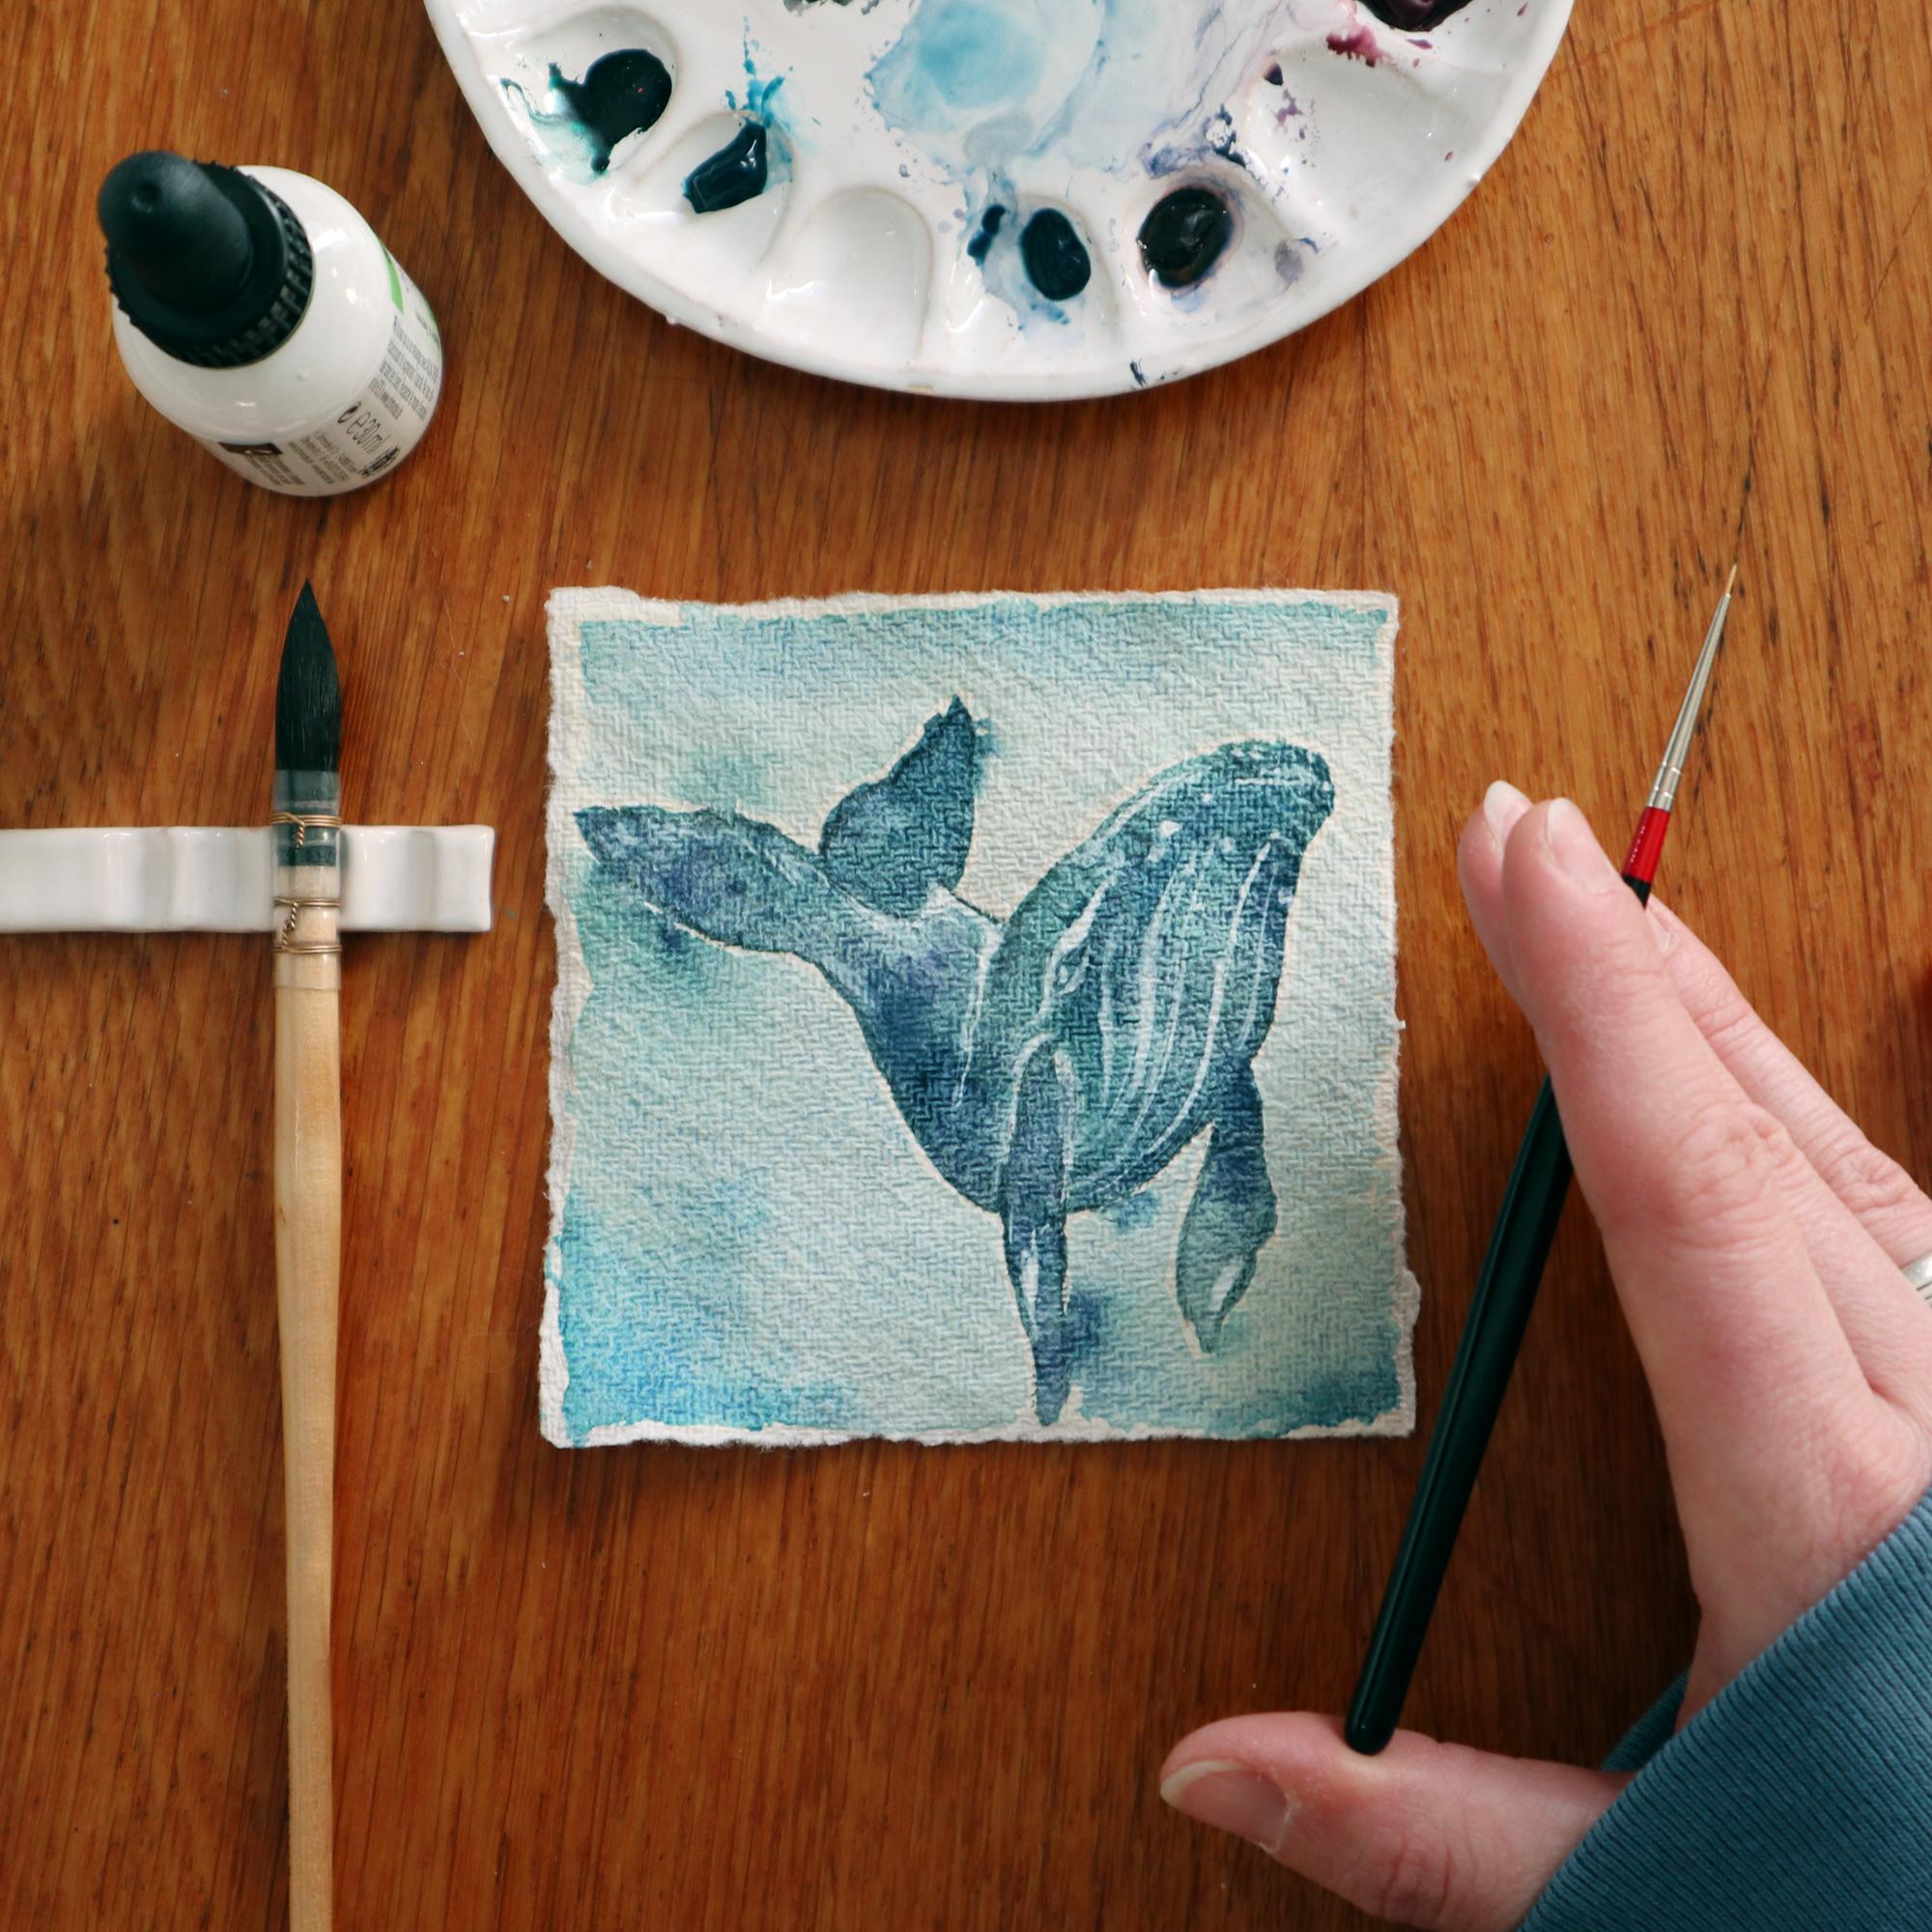 Ein Buckelwal auf der starken Struktur des handgeschöften Echt Bütten Aquarellpapiers.